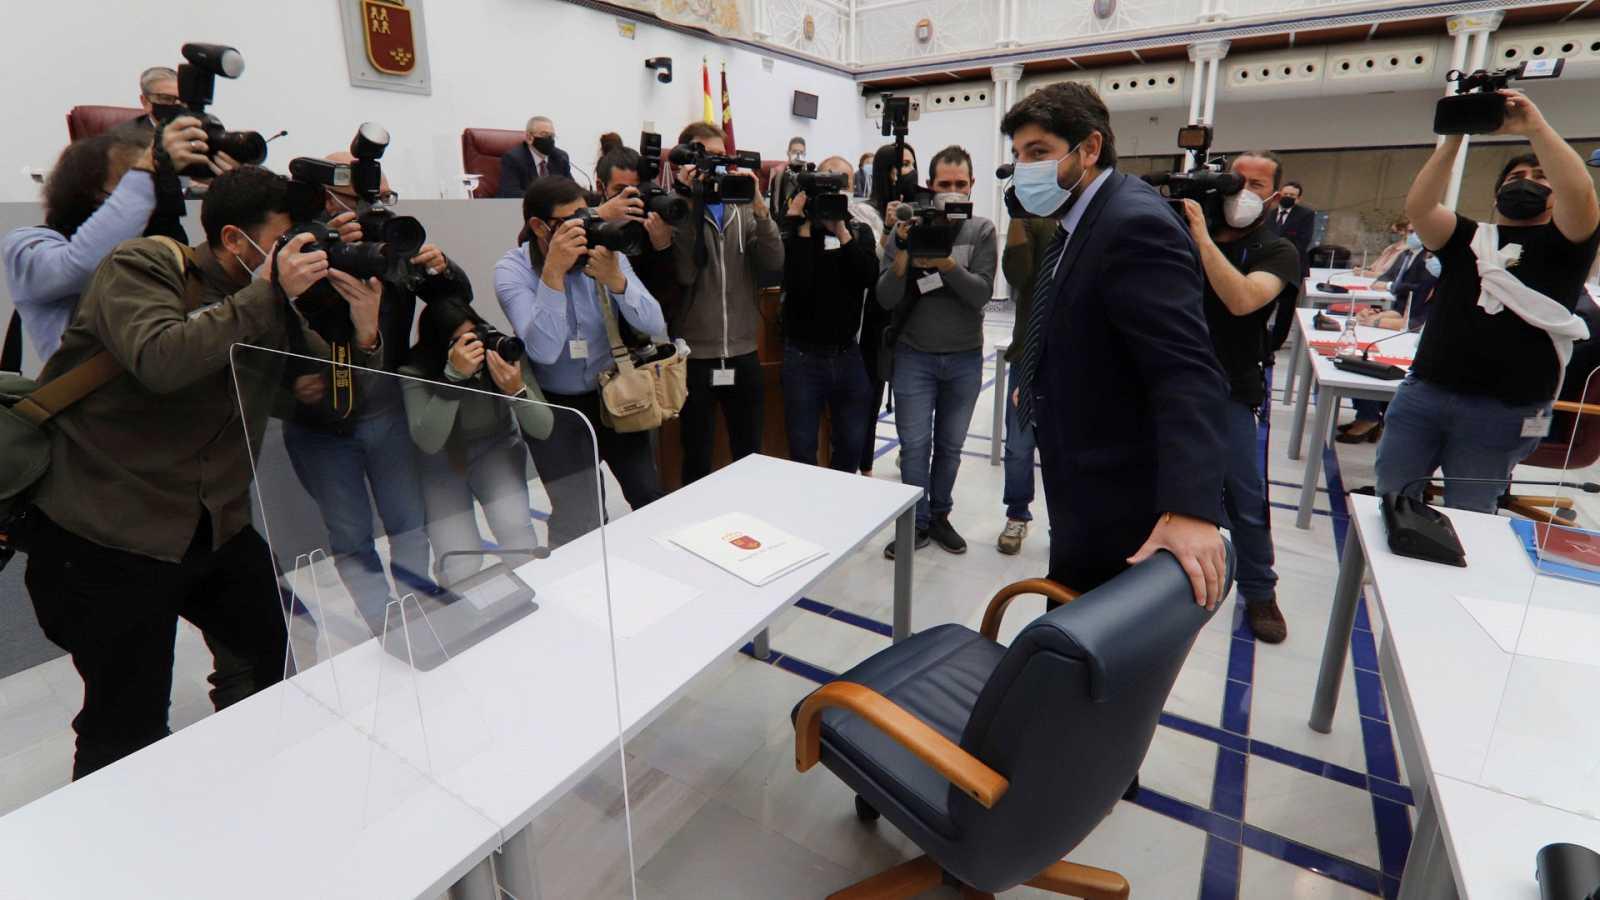 Primera sesión del debate de la moción de censura presentada por Cs y PSOE contra el Gobierno de coalición de Murcia,